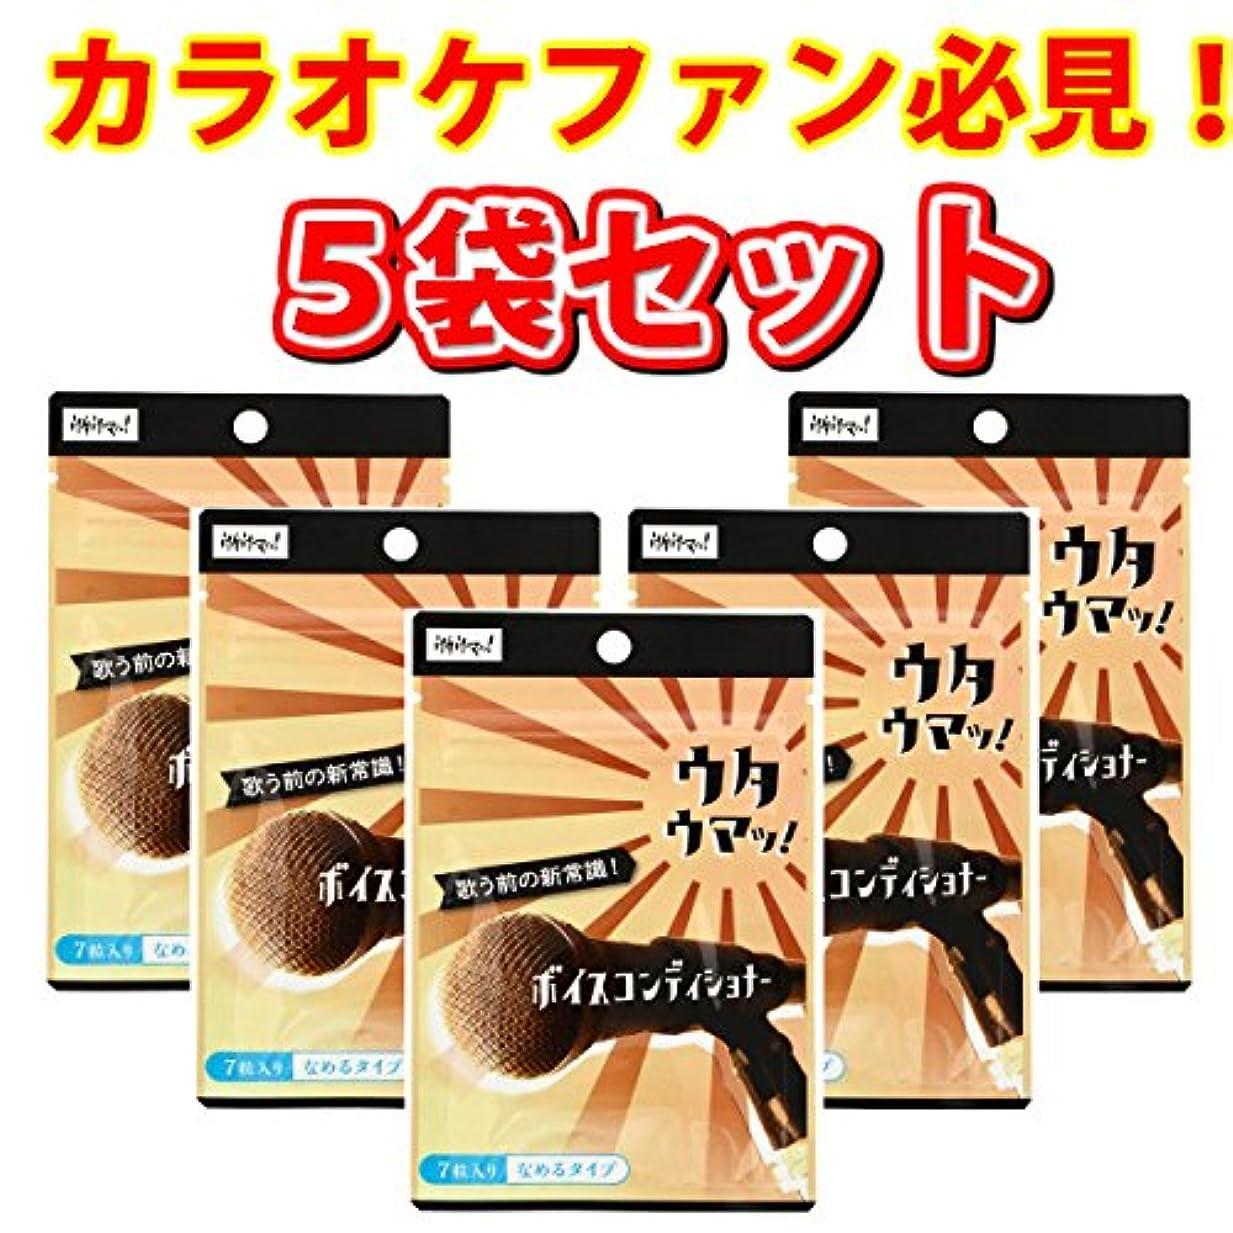 したいアコー交換カラオケサプリの決定版 《ボイスコンディショナー》 ウタウマッ!お得な5袋セット